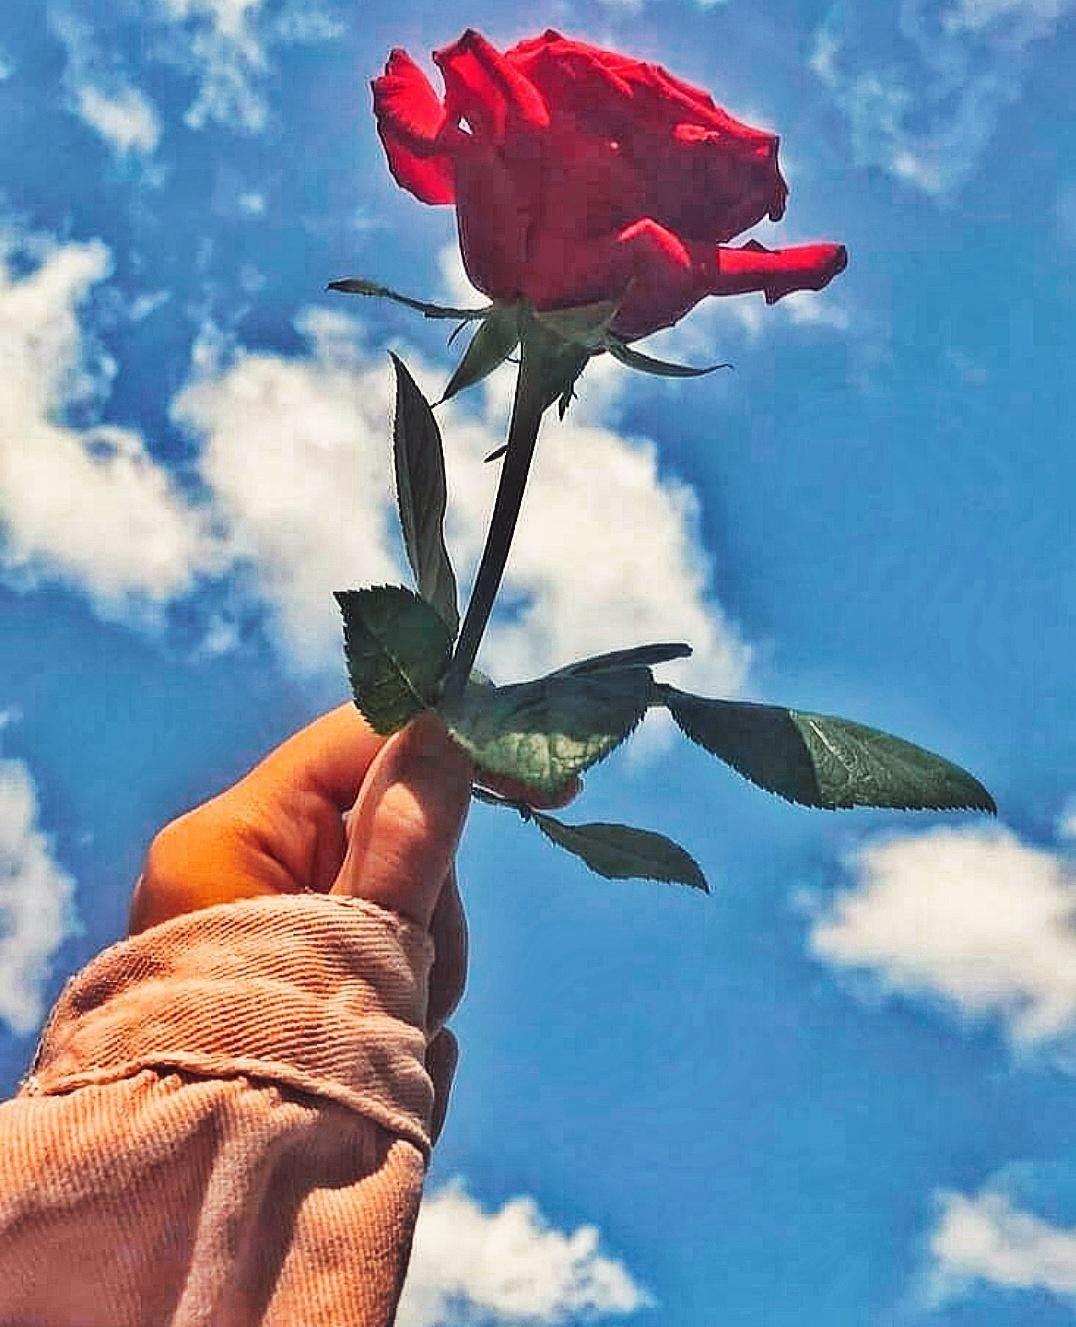 صور فوتوغرافية من تصويري Flower Aesthetic Aesthetic Roses Beautiful Nature Wallpaper